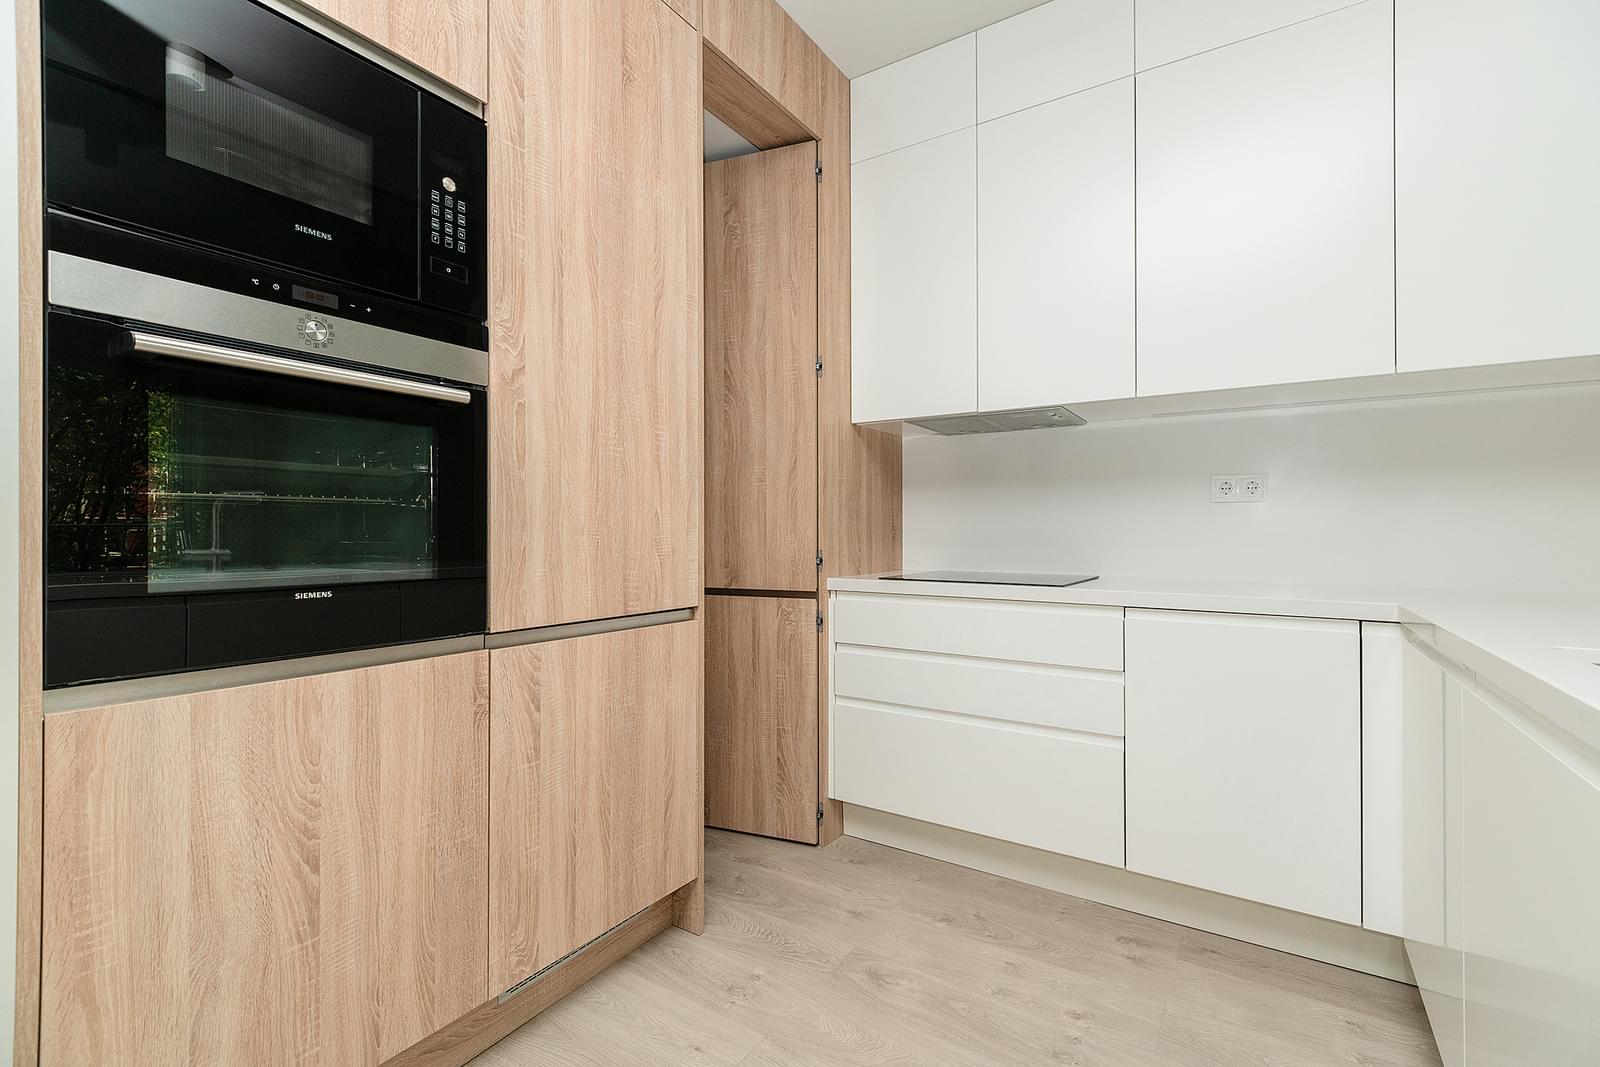 pf18308-apartamento-t2-lisboa-e200835c-dc1a-4005-9aad-cbb95a788fa5